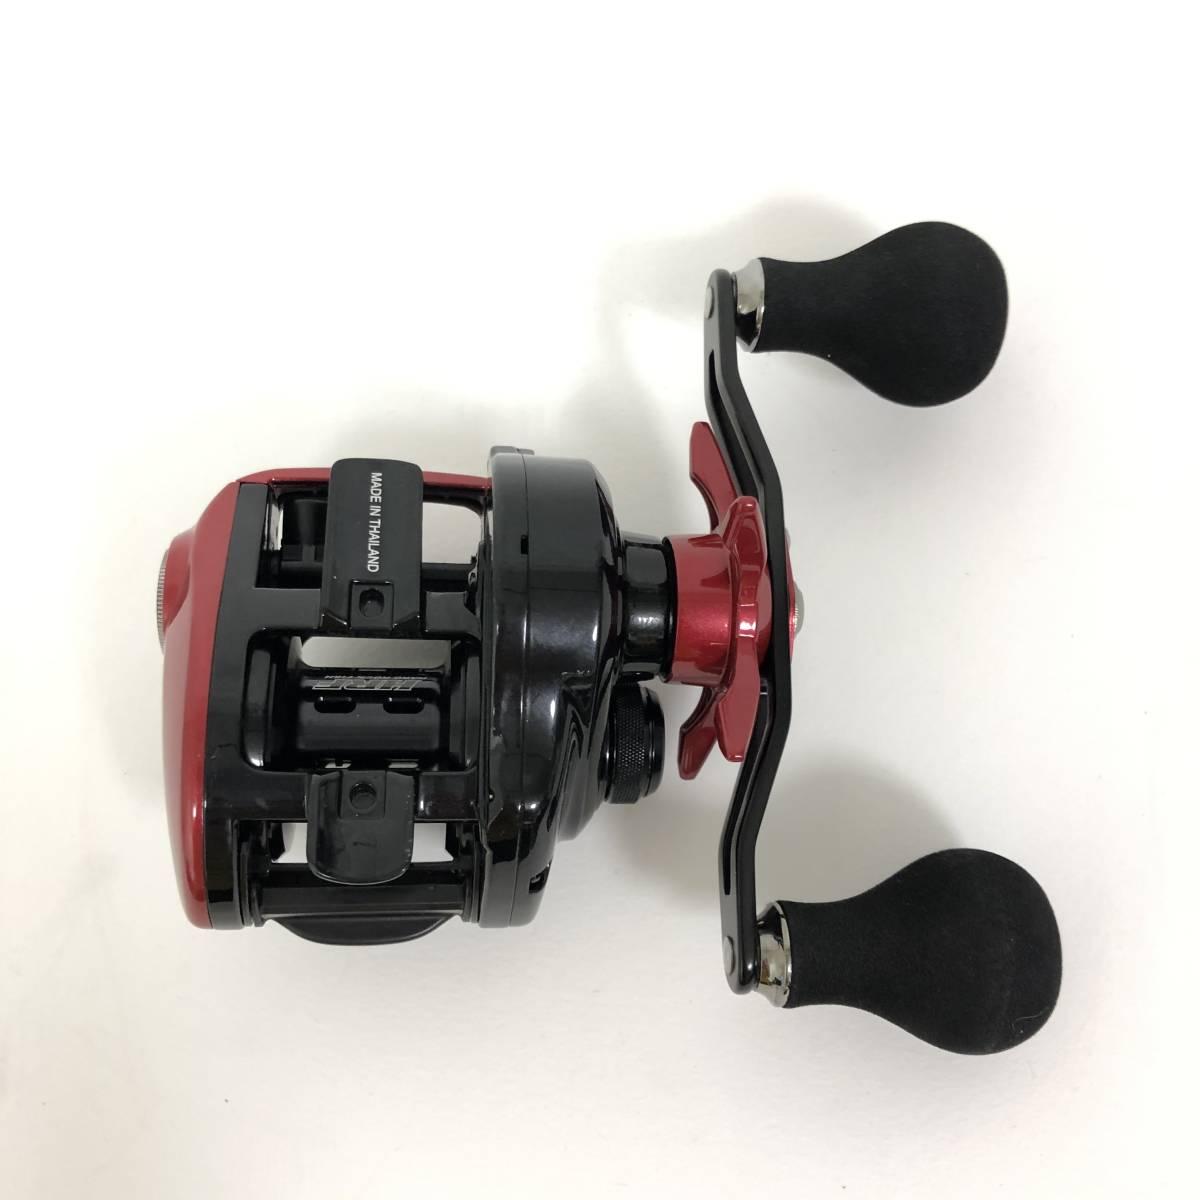 ダイワ リール HRF PEスペシャル 7.3-TW 左ハンドル ロックフィッシュ・シーバス 海釣り(N1012_4)_画像5